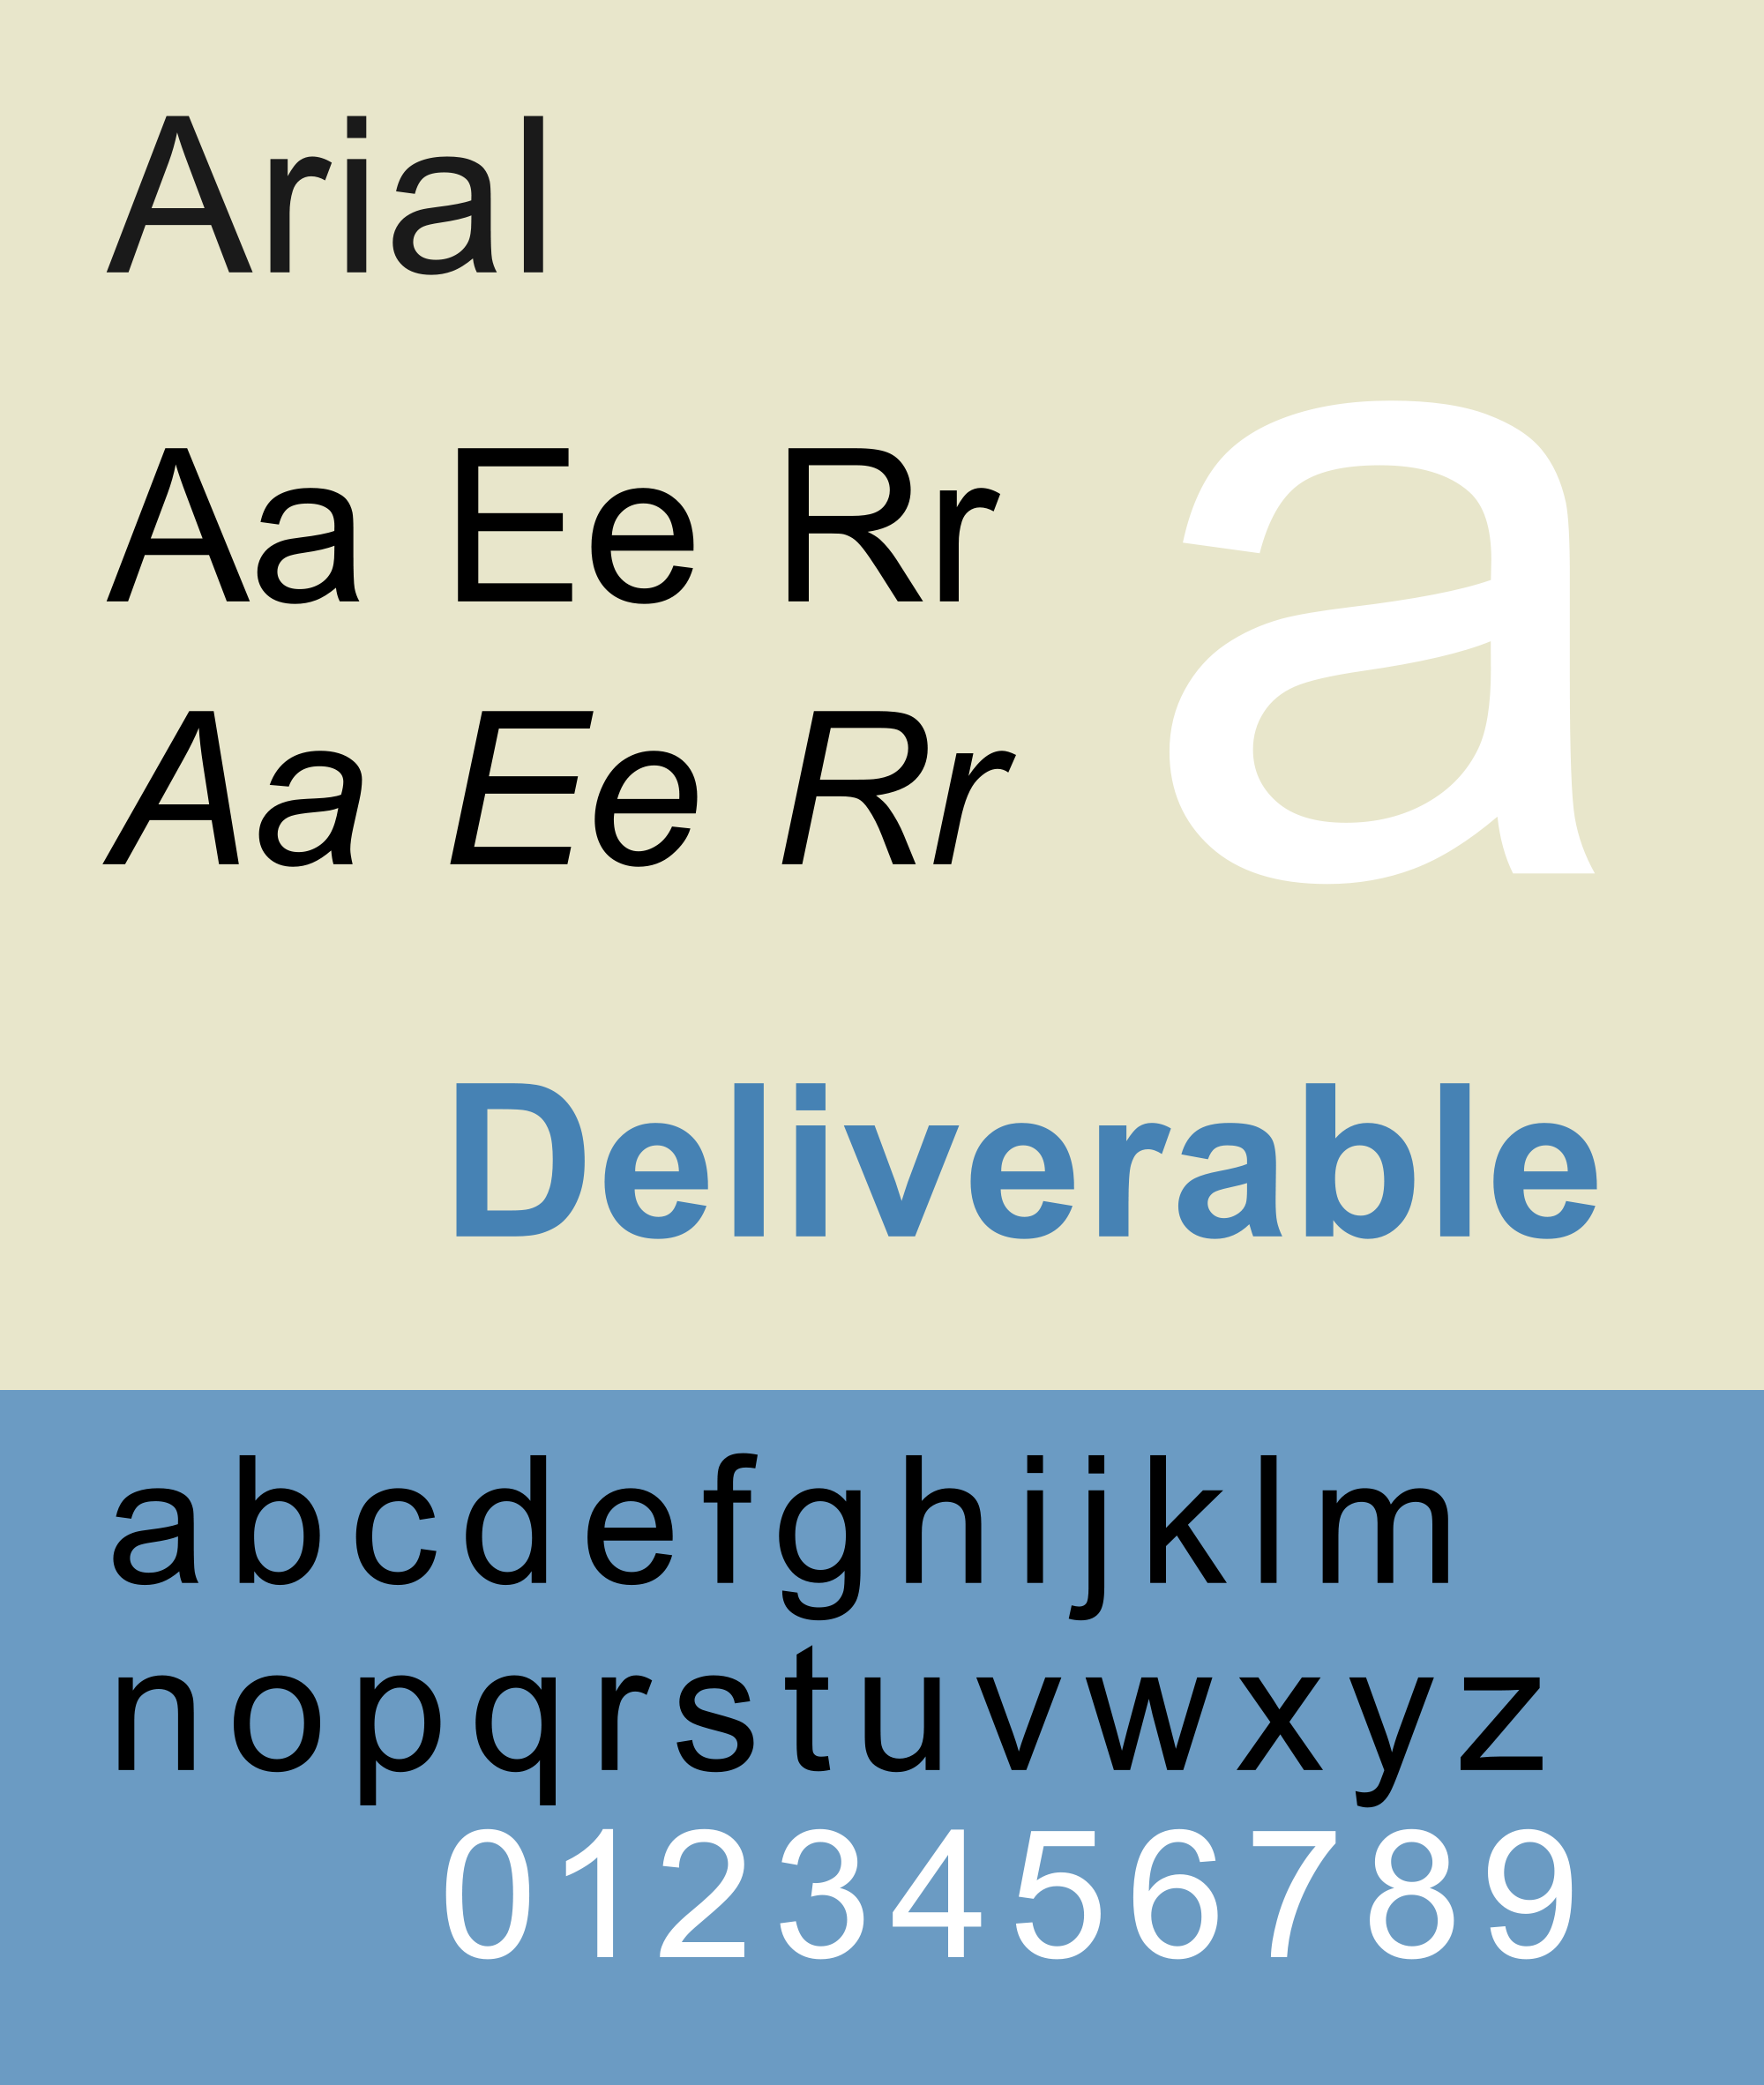 Caratteri tipografici pipù utilizzati in pubblicità: Arial